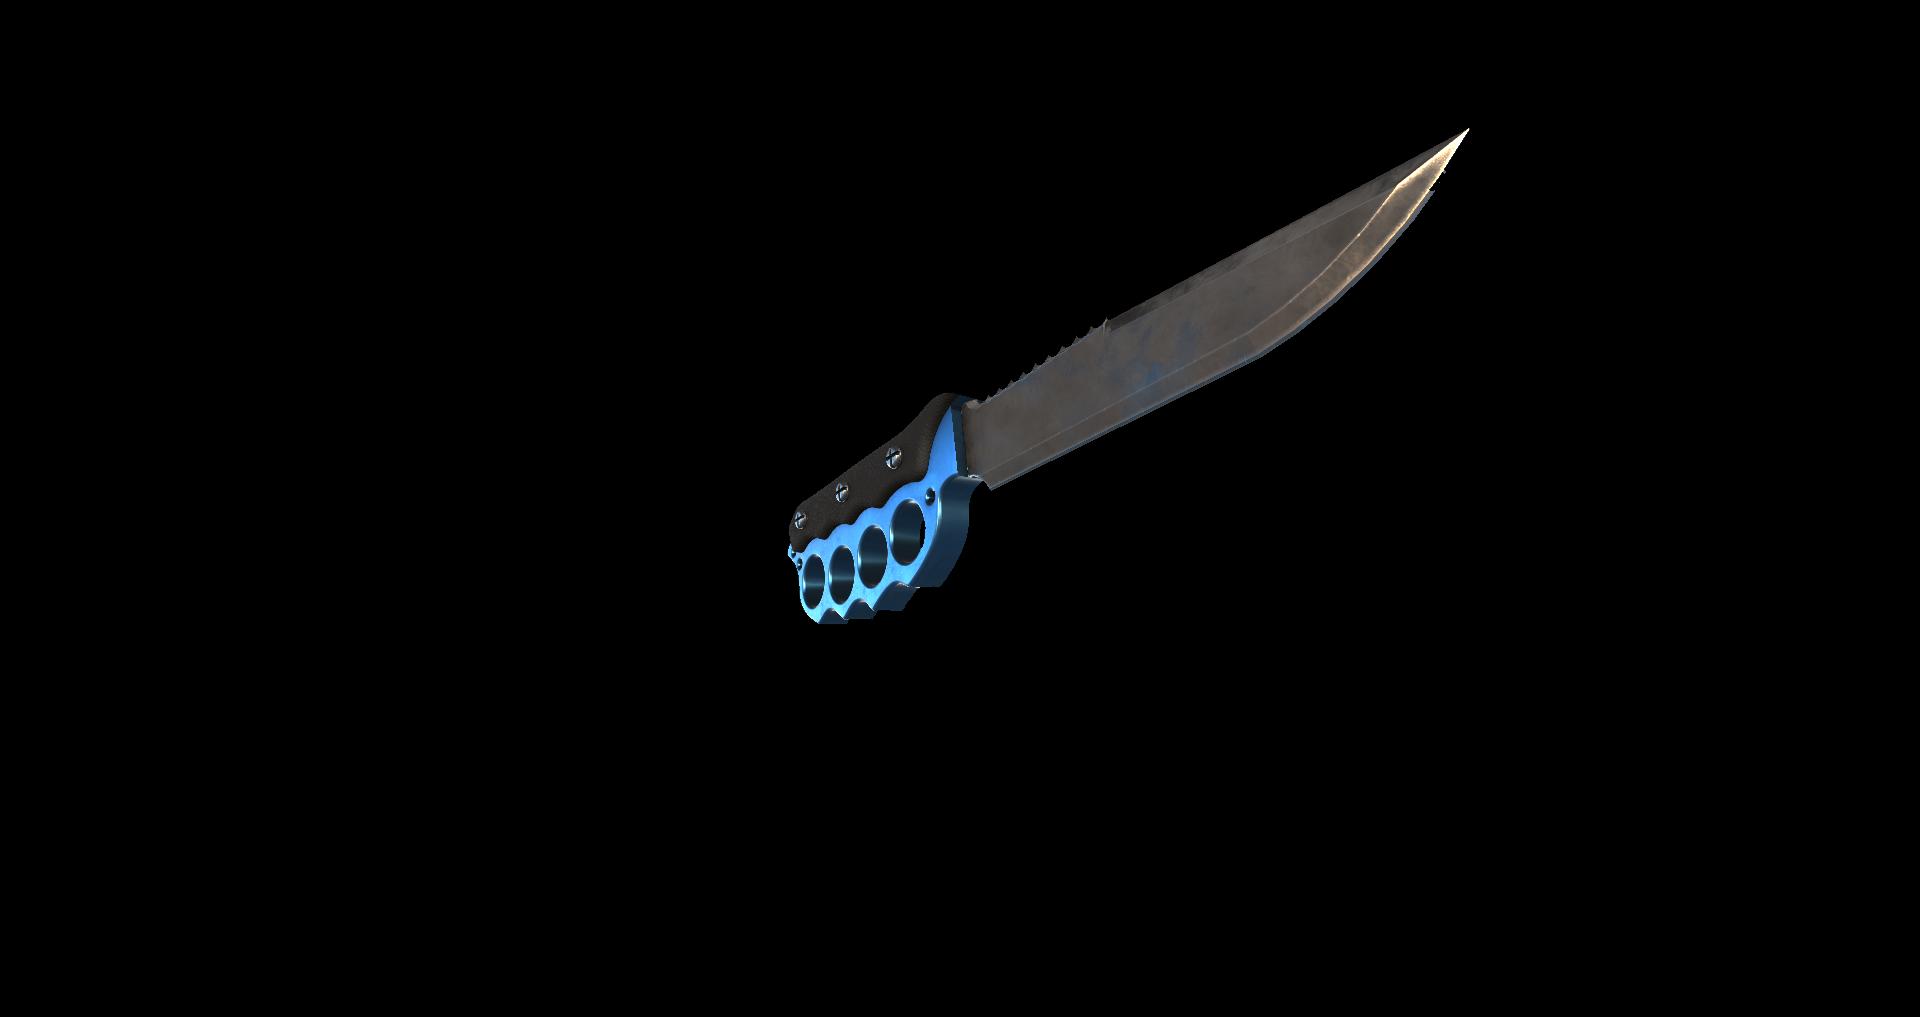 0000013.png Télécharger fichier STL gratuit couteau • Design imprimable en 3D, g4bbigo